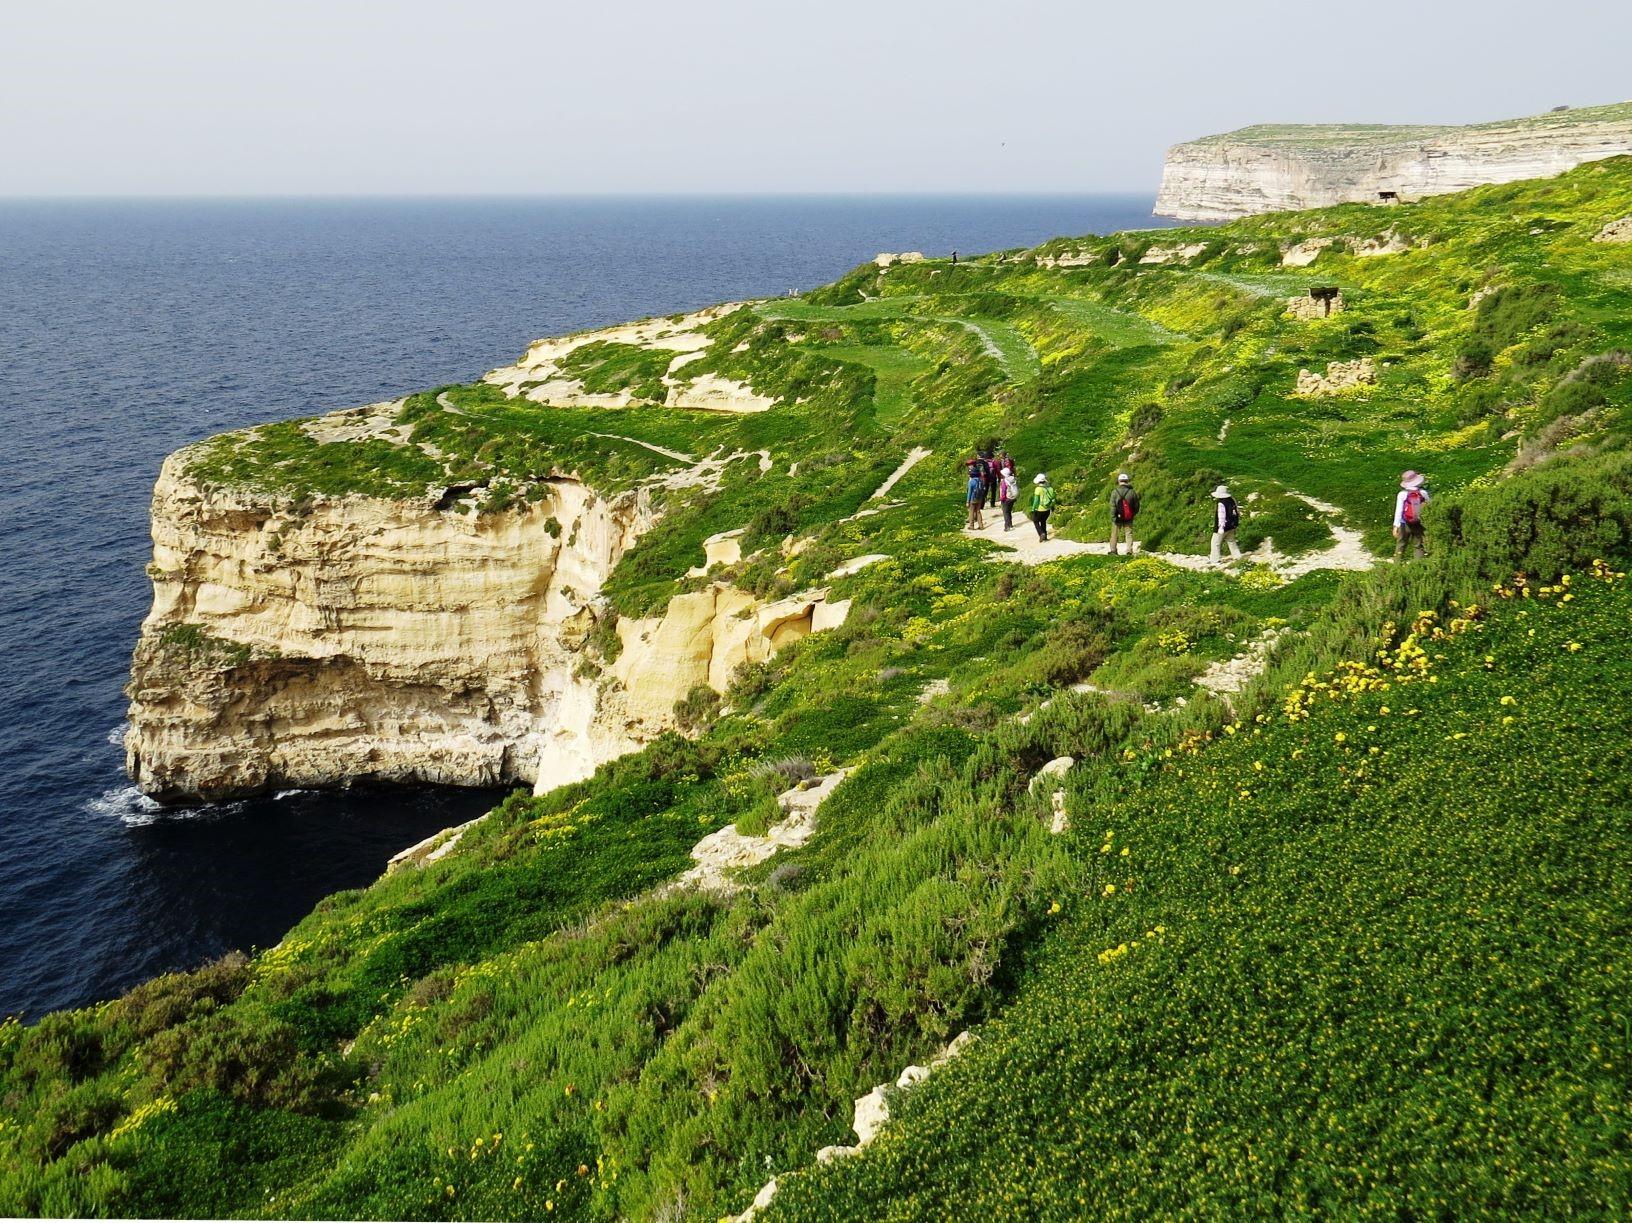 ゴゾ島の南海岸を歩く。白い石灰岩の断崖を持つ海岸線がマルタ諸島の特徴(5日目)